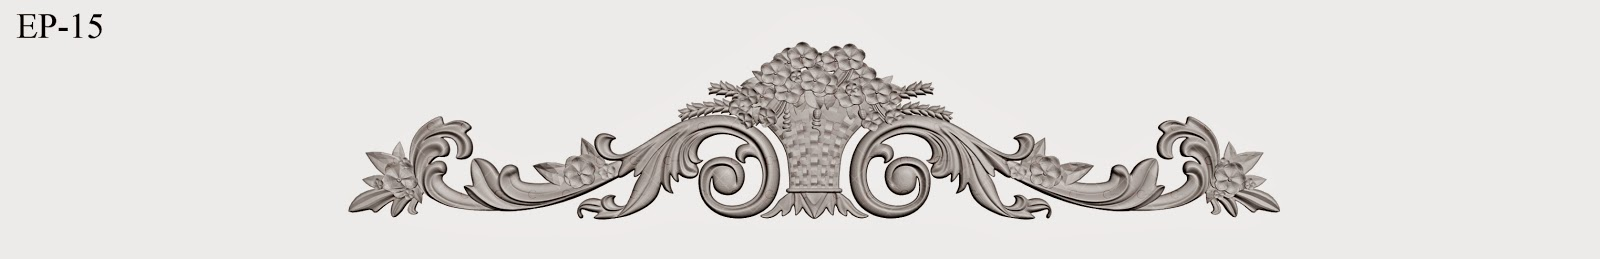 elemente arhitecturale producator, pret profile decorative